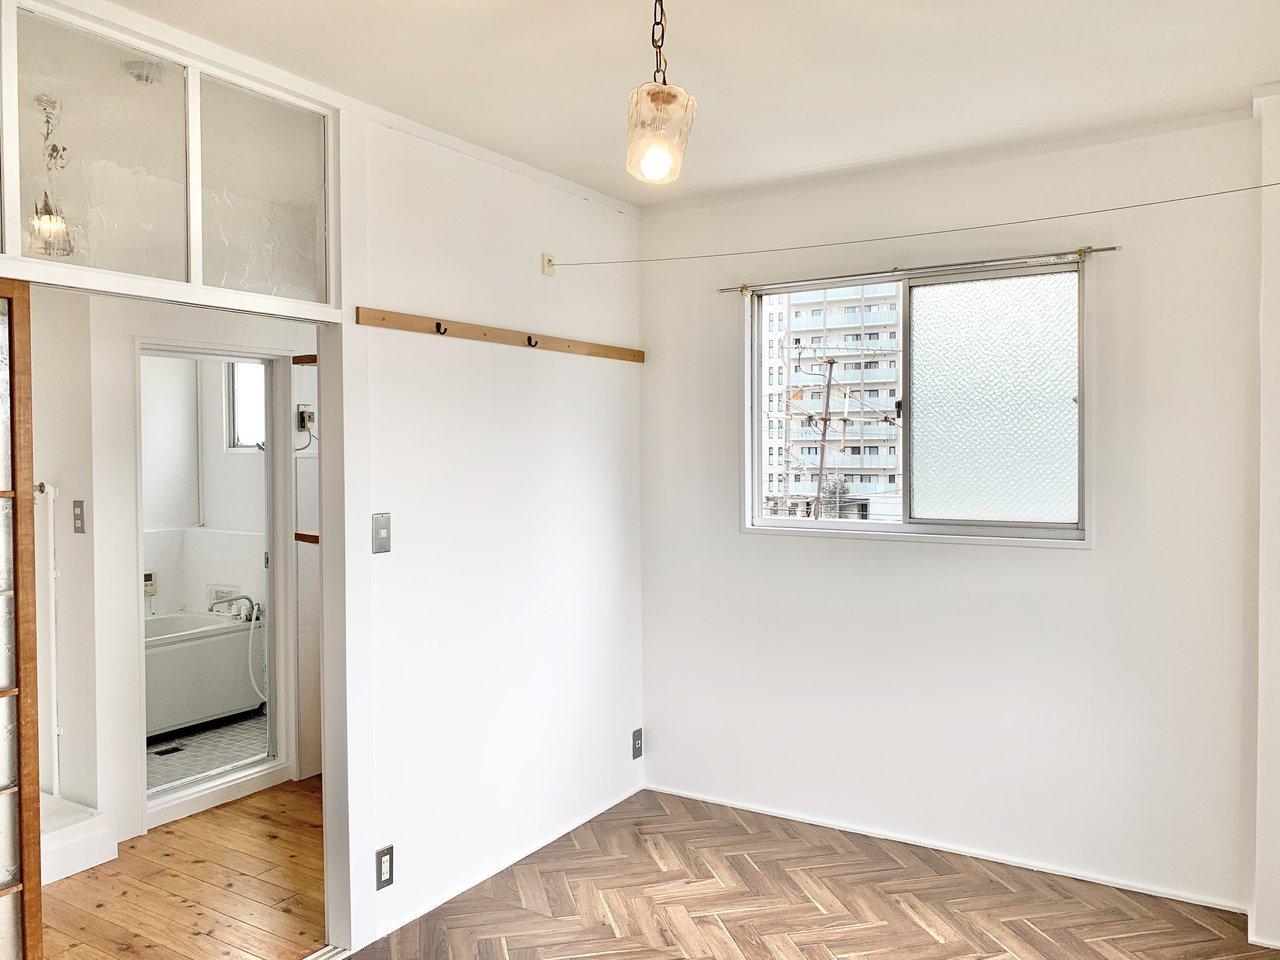 ヘリンボーン&無垢床がお迎えしてくれる、1DKのお部屋。アンティークなインテリアがよく合いそう。